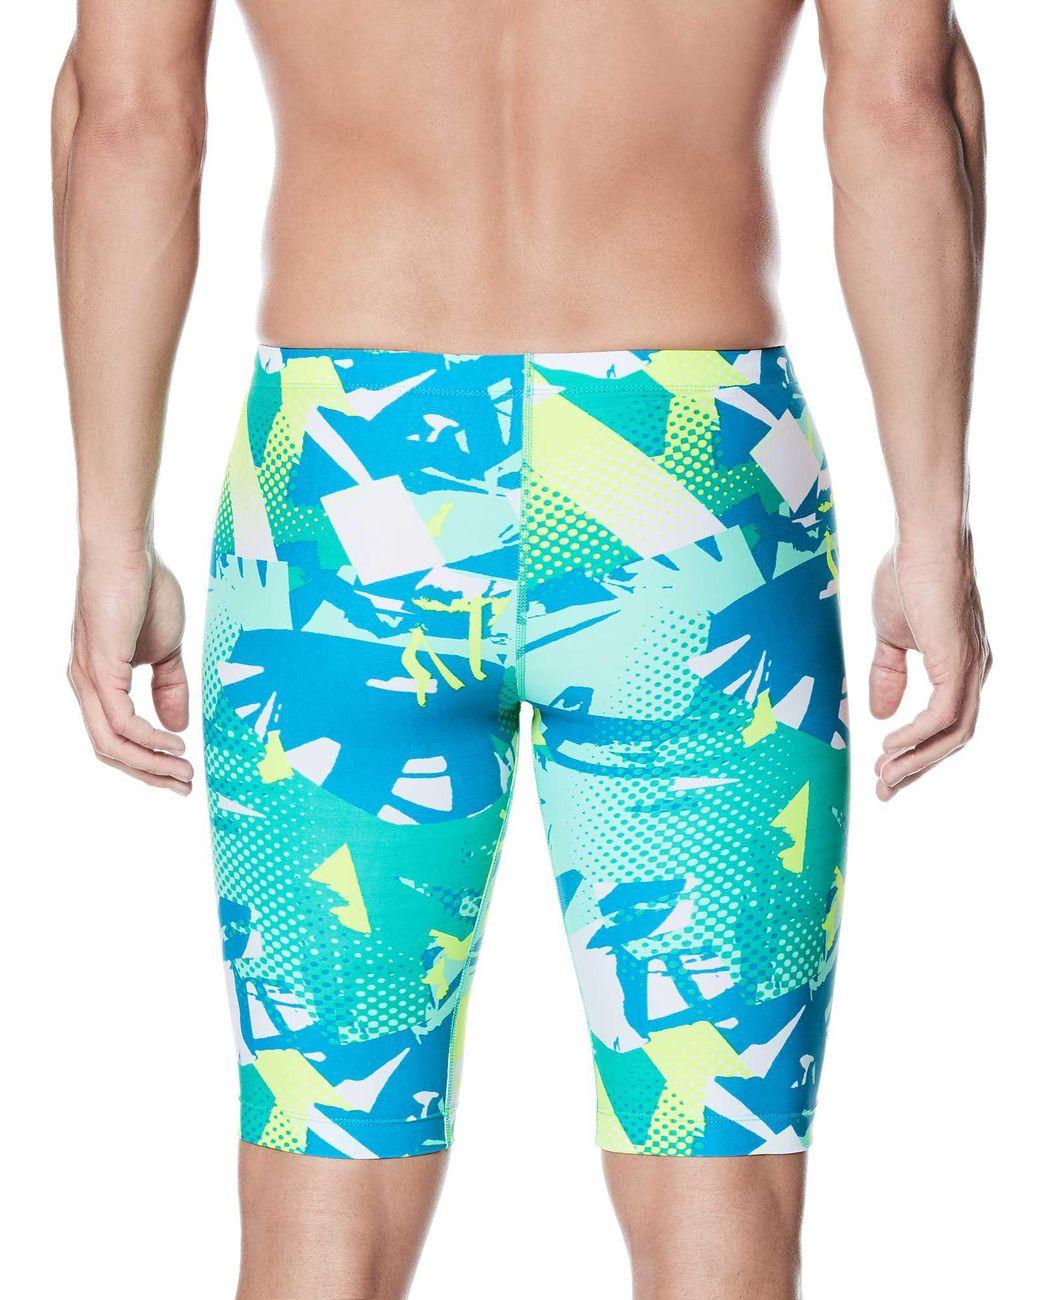 289f1f81b1 Nike Drift Graffiti Jammer in Blue for Men - Lyst